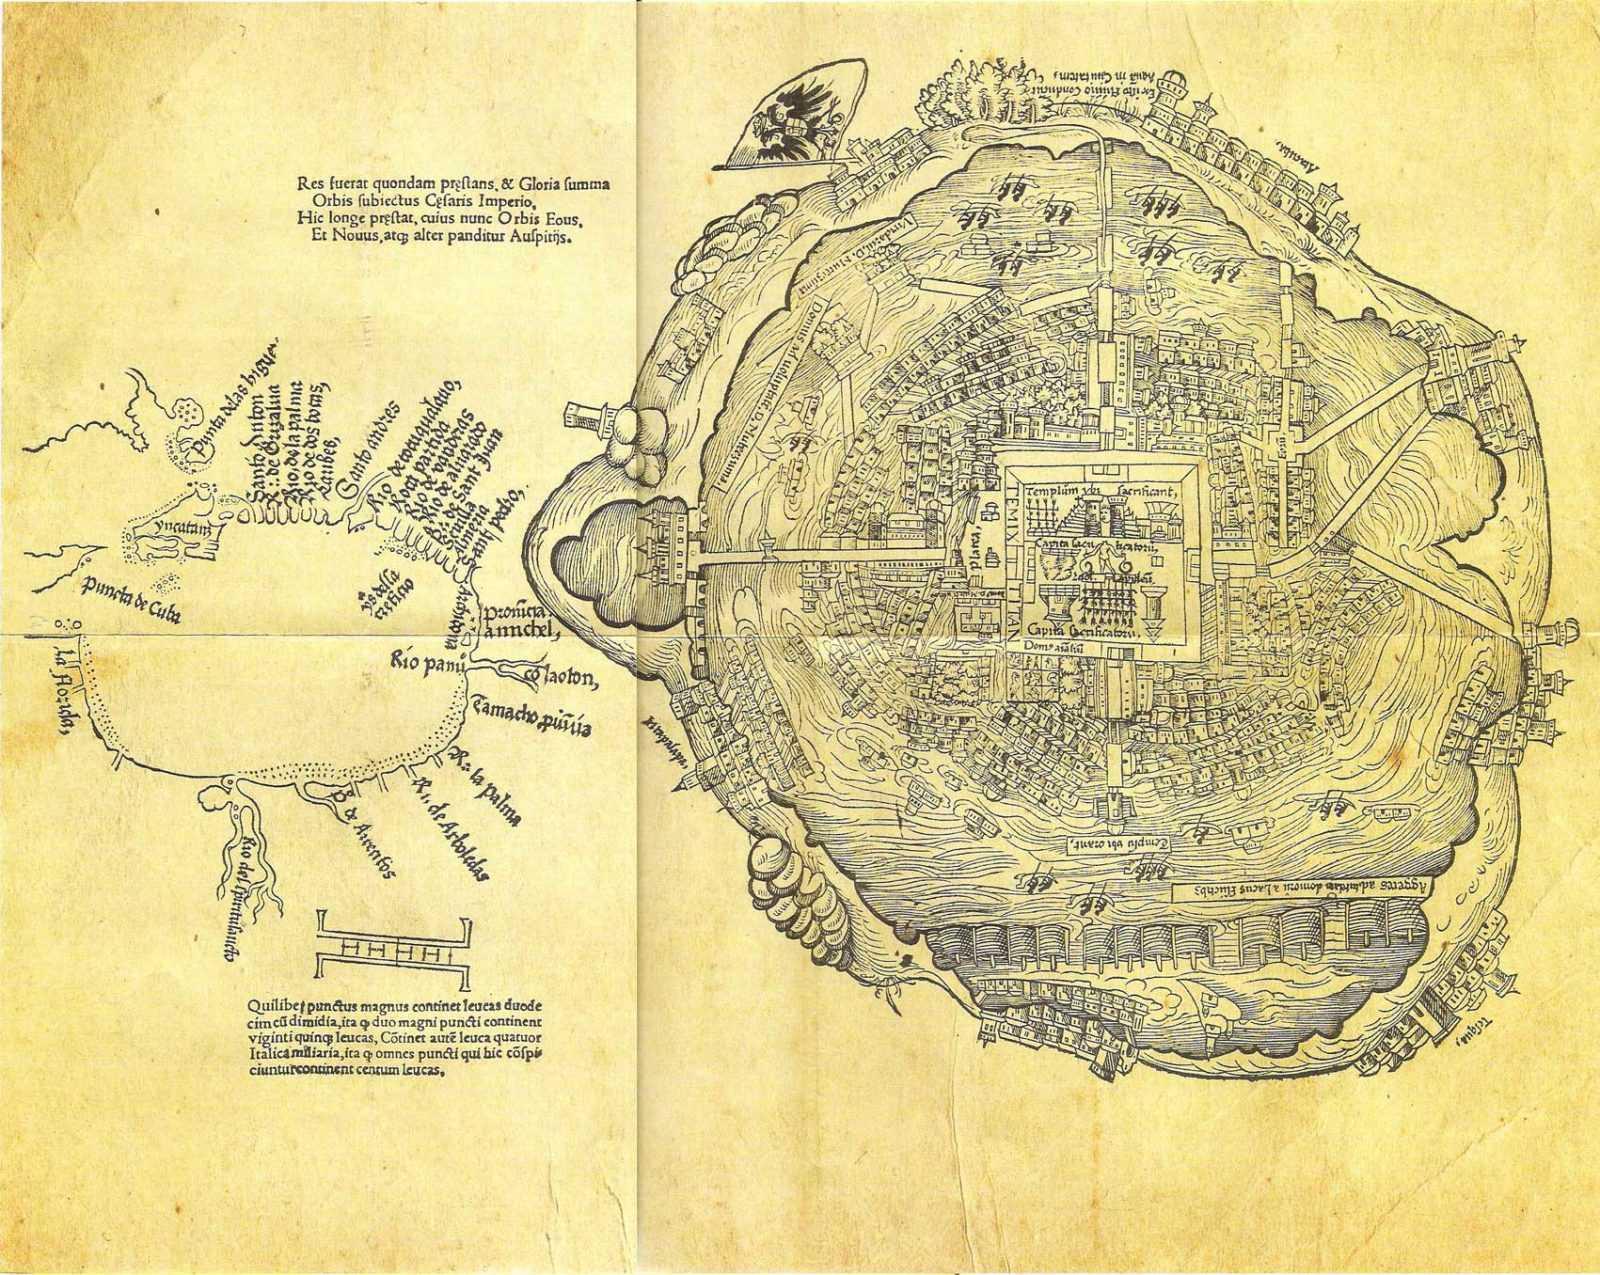 Теночтитлана столица империи Ацтеков 1519г. - Философия развития и проблема города